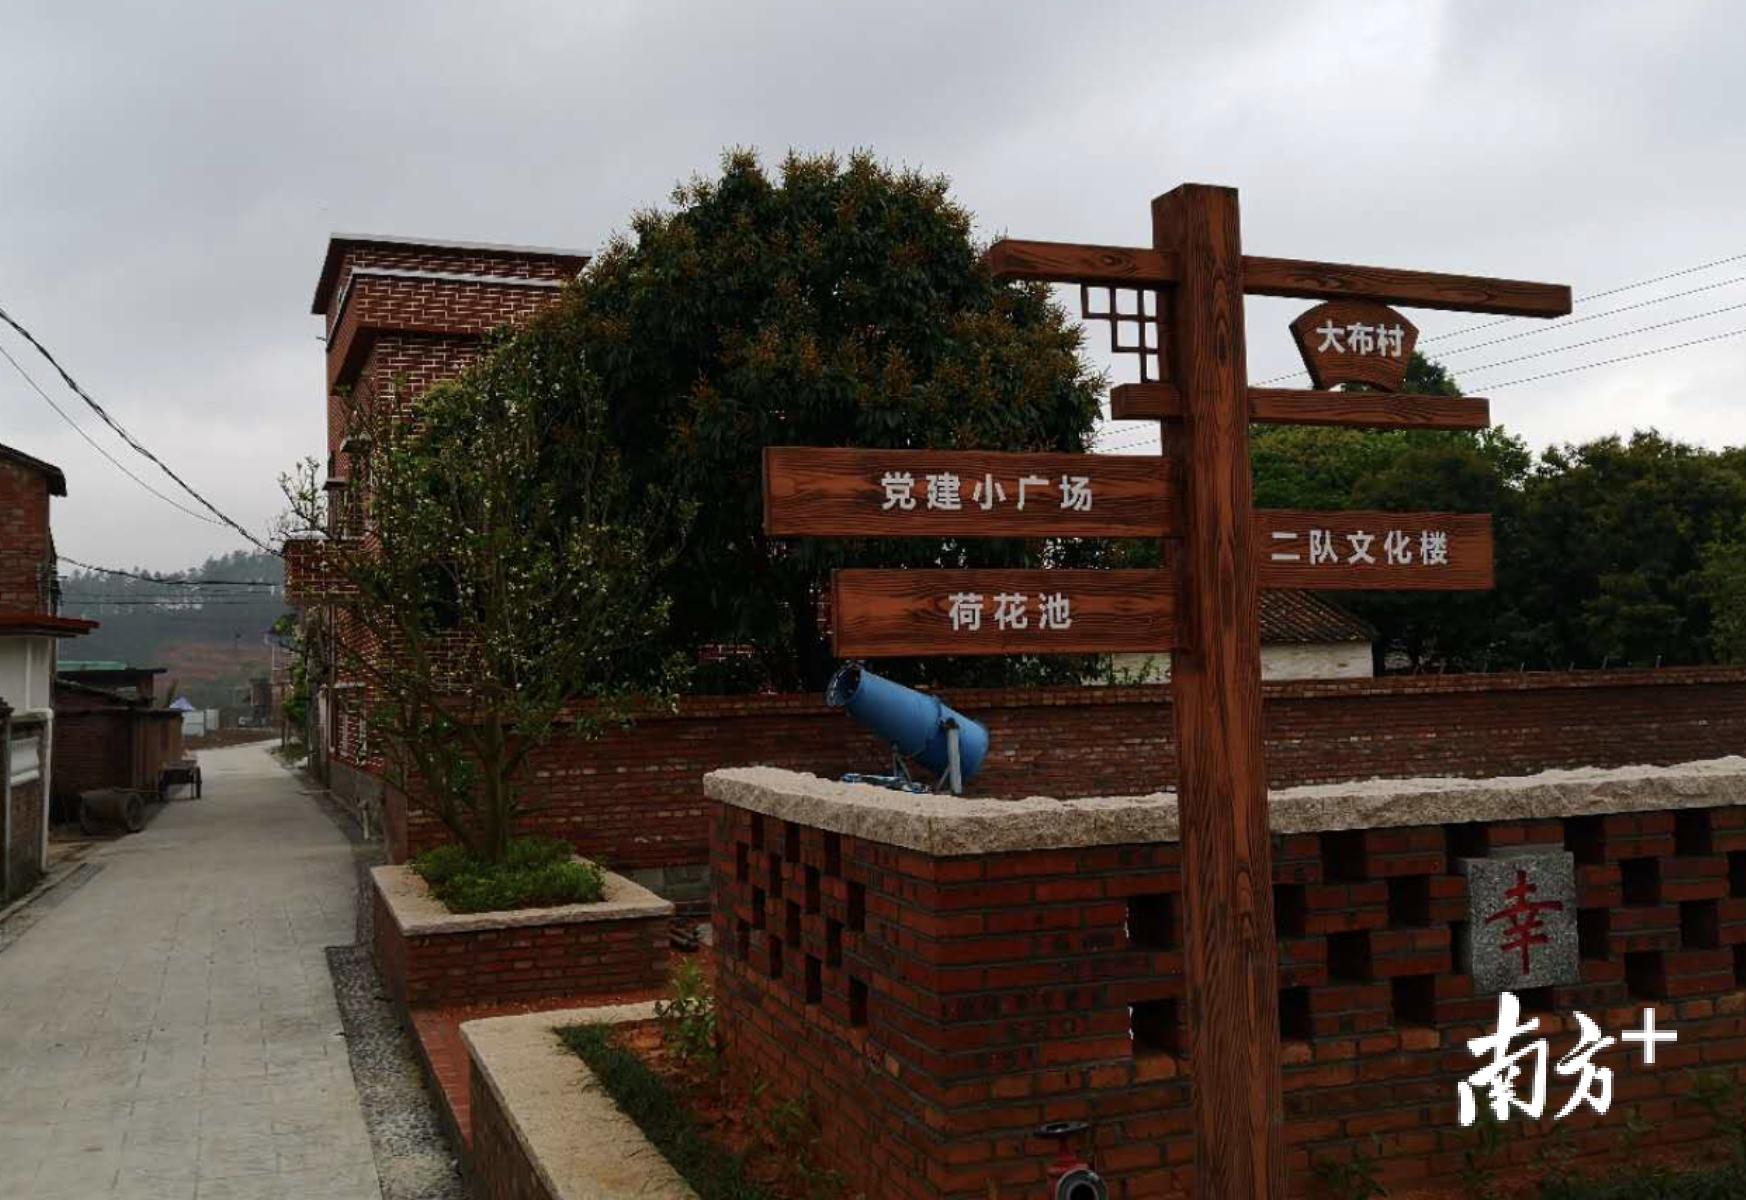 大布村正在创建高明区乡村振兴示范村。盛正挺 摄